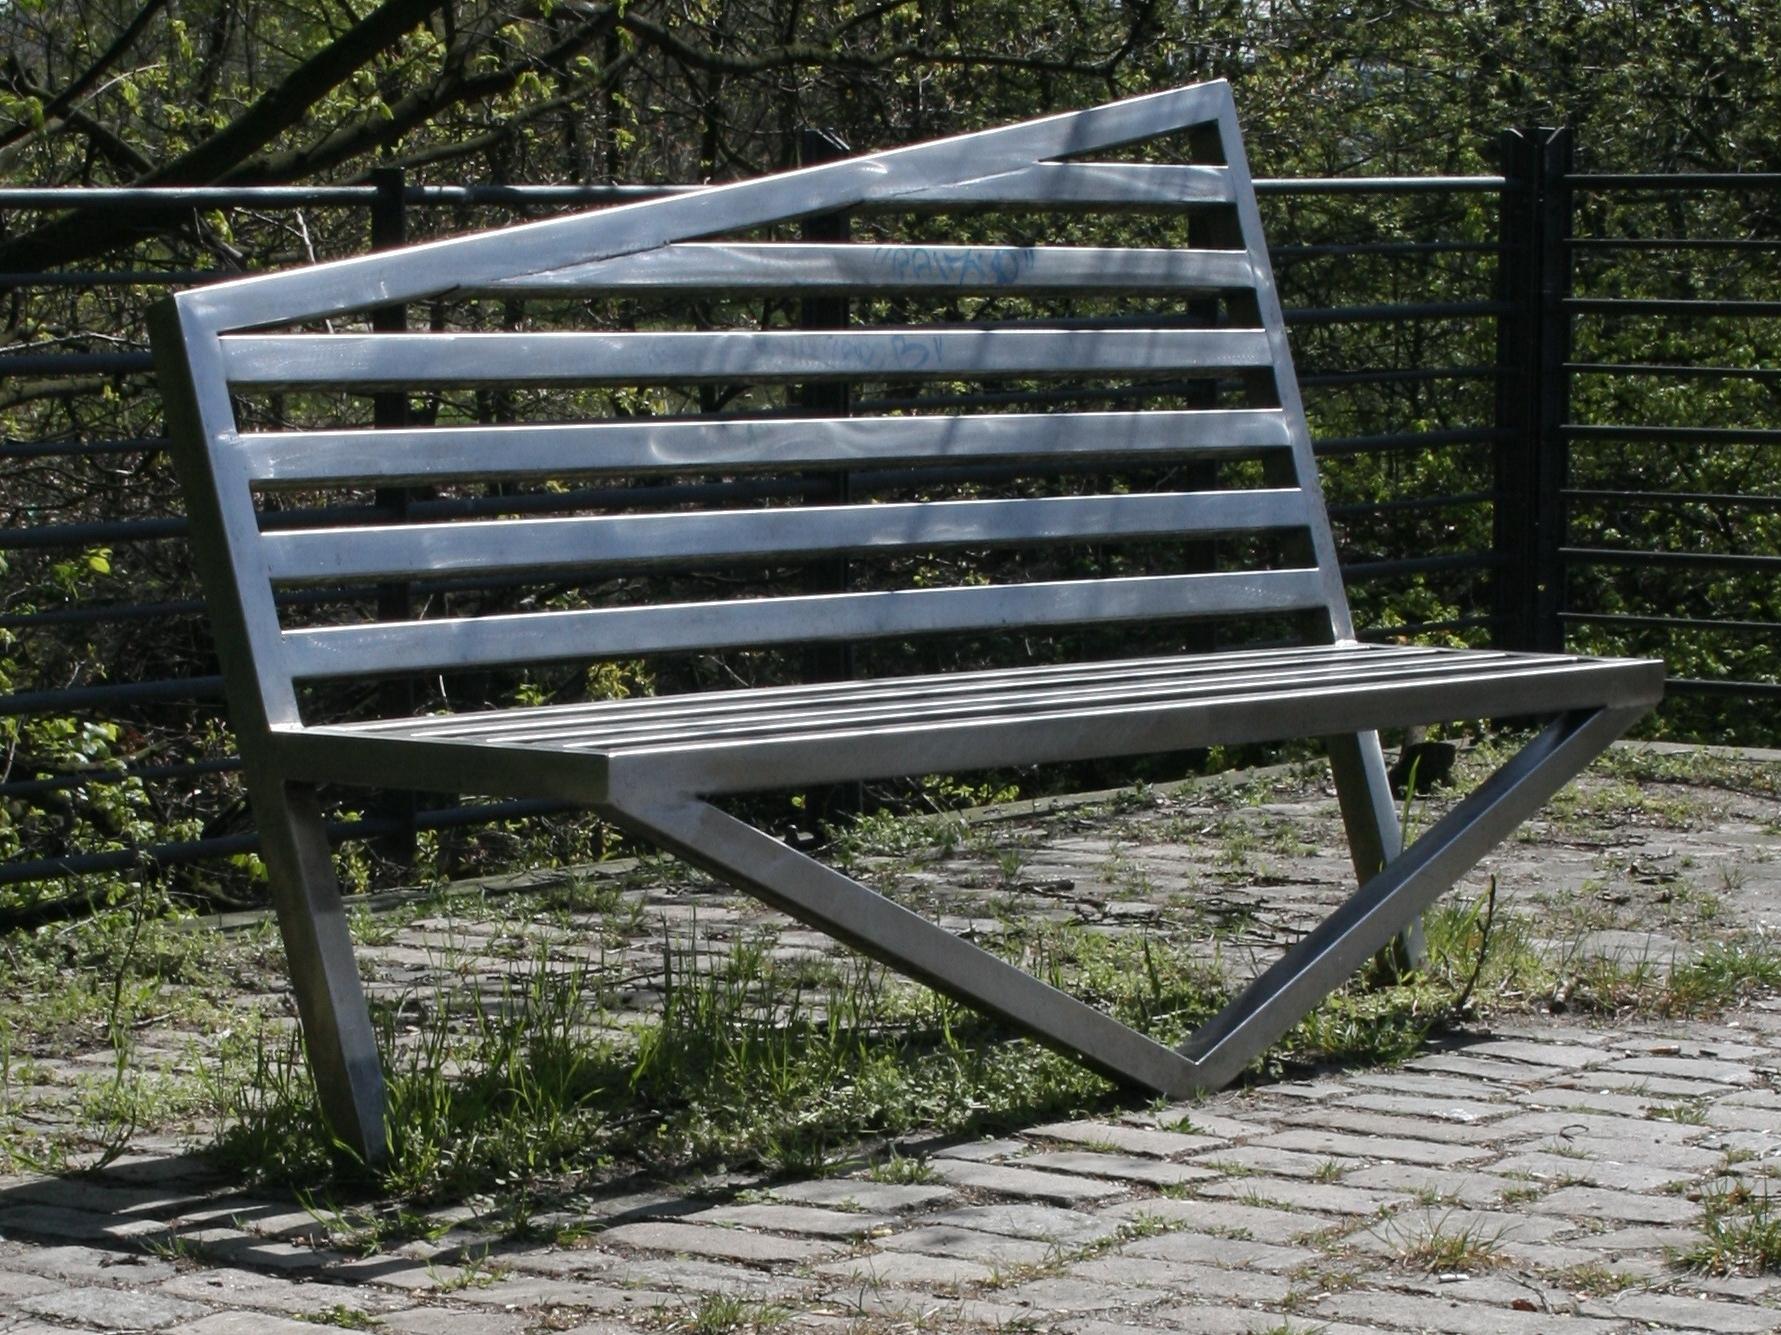 File:Steel bench berlin02.jpg - Wikimedia Commons